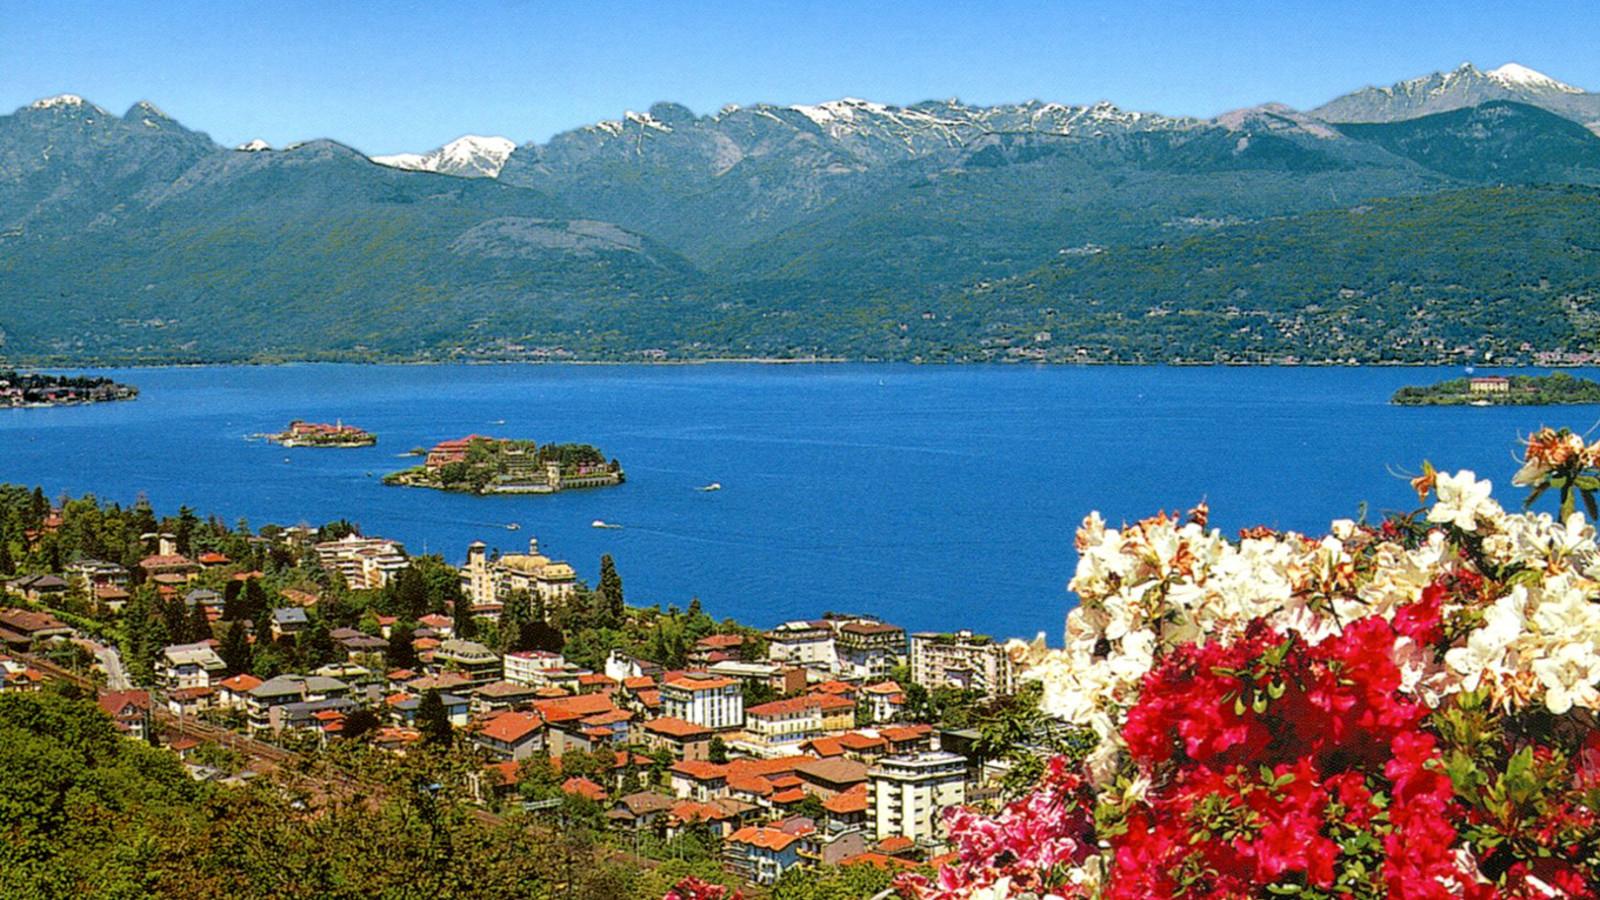 Ferrari South Bay >> Holidays to Stresa, Lake Maggiore - Topflight Italy